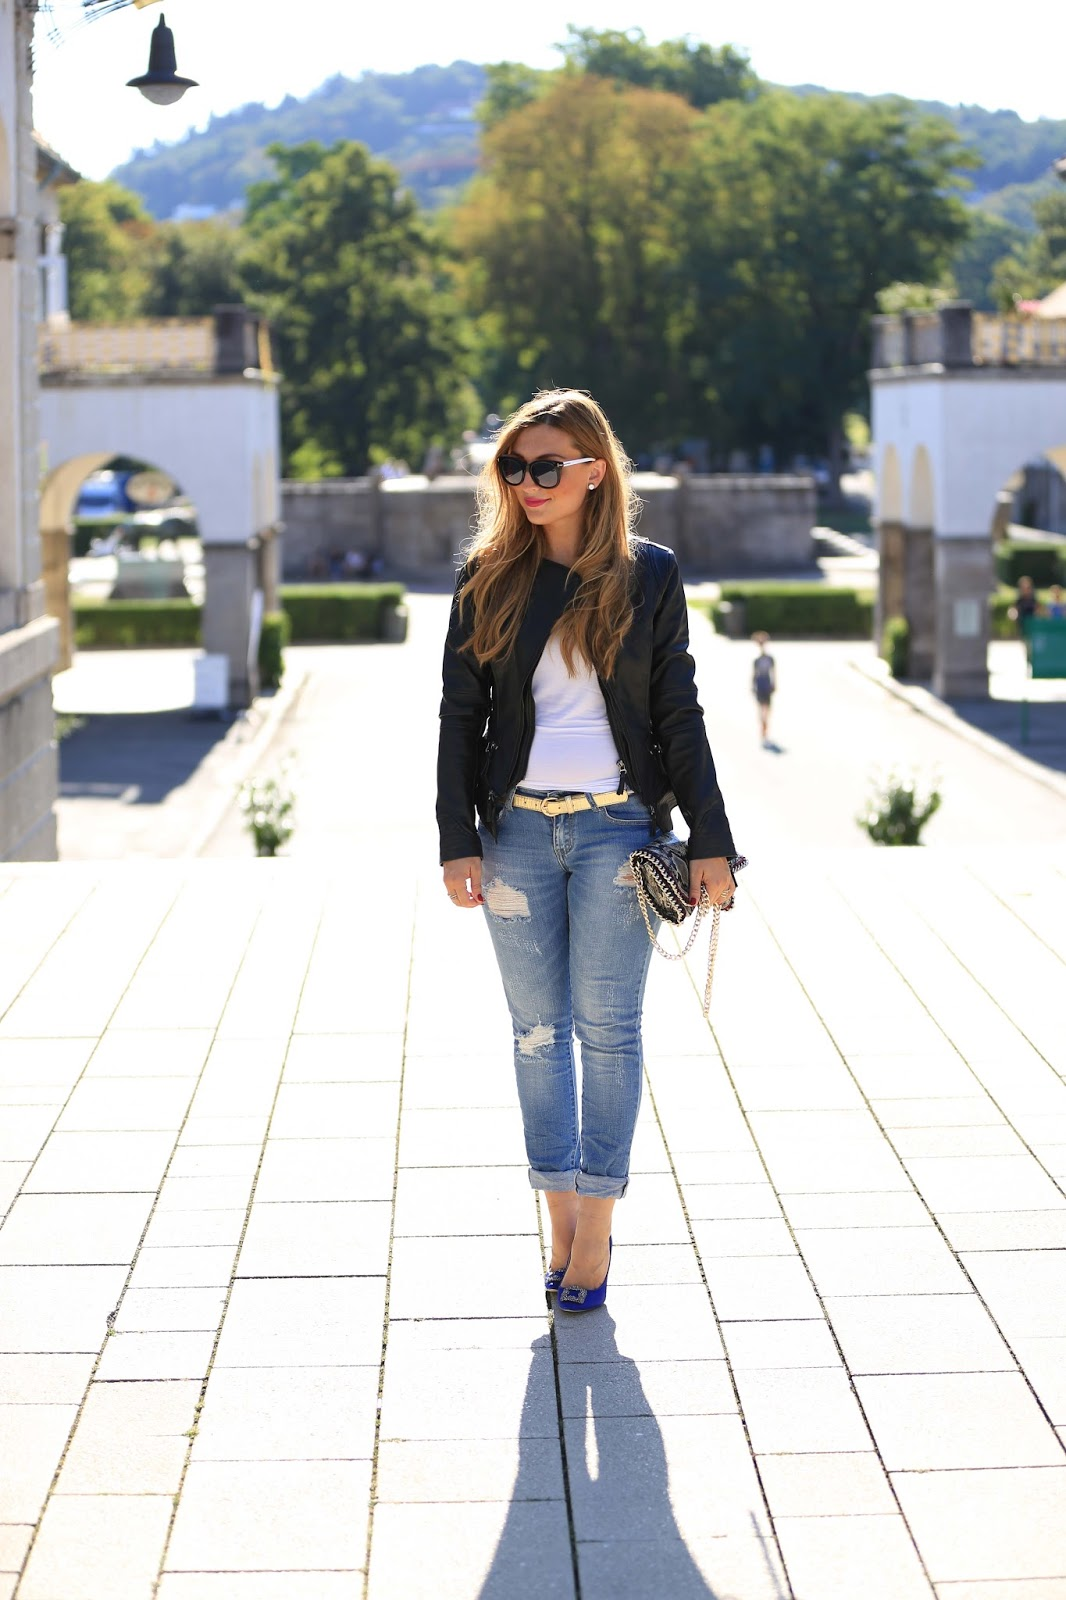 Kroko Tasche - Fashionblogger-Muenchen-Berlin-Lederjacke-frankfurt-Wolford-Minirock-Stiefeletten-roter-Lippenstift-blaue High Heels